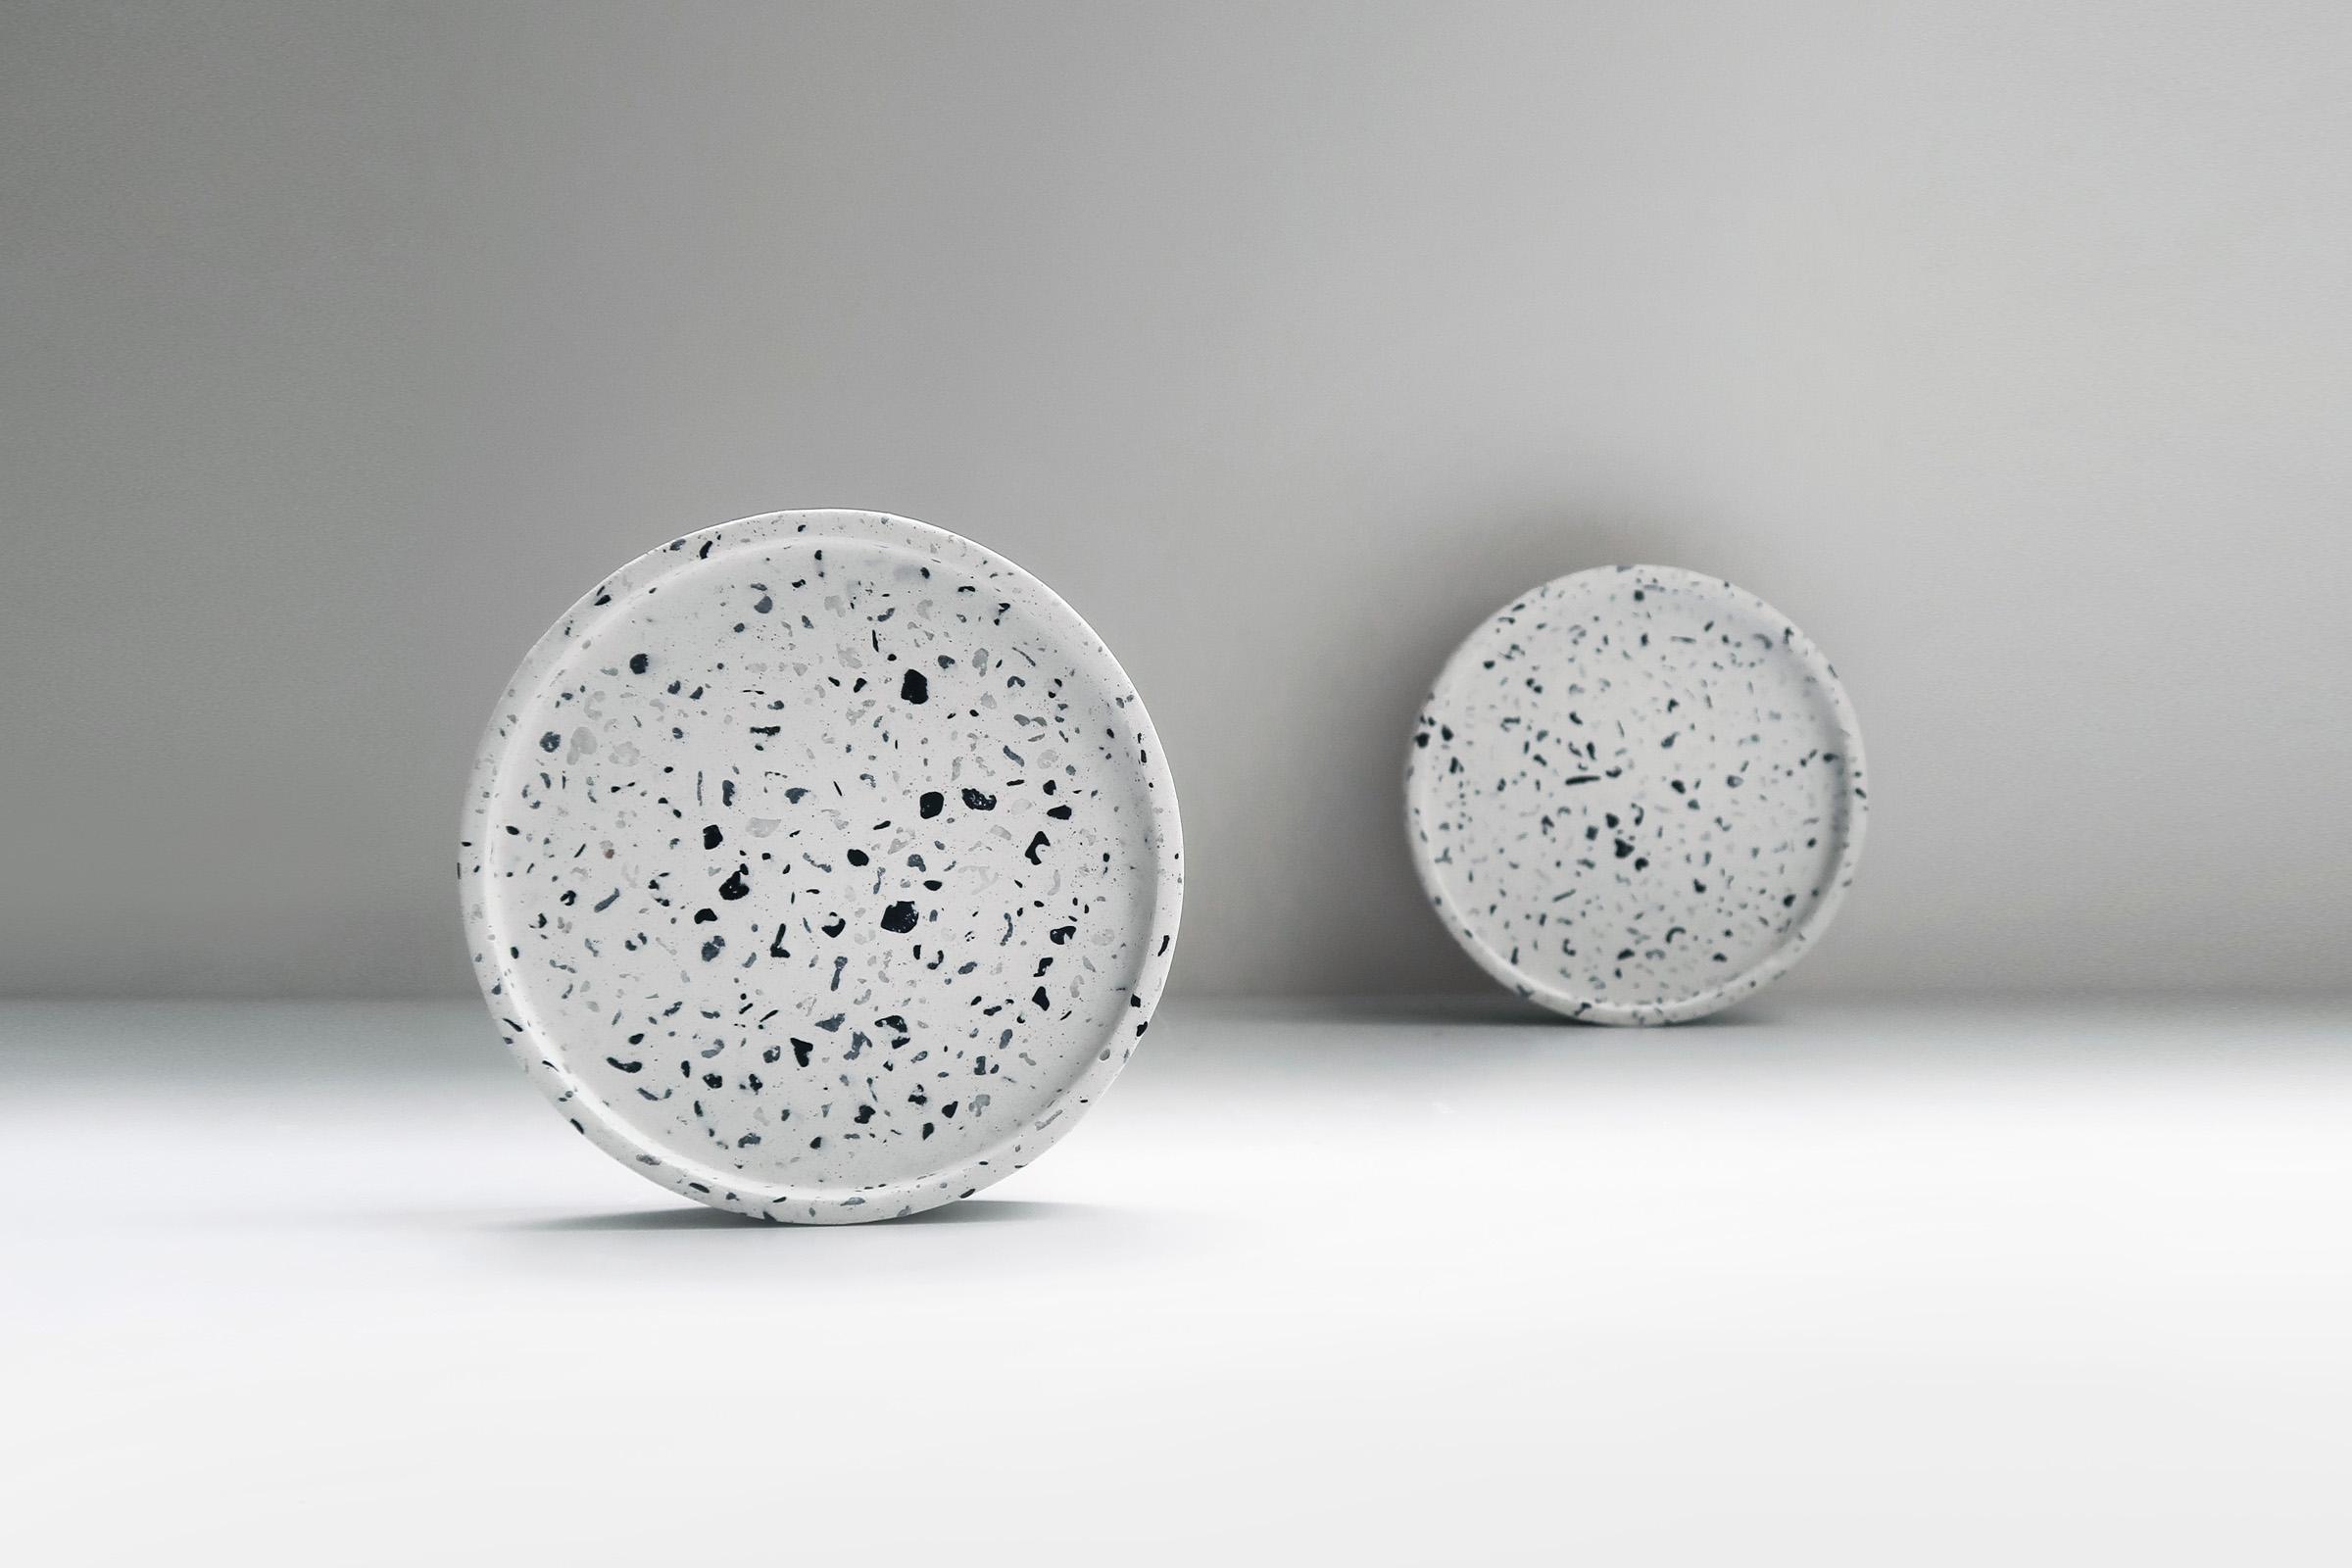 TERRAZZO 磨石子經典黑白水泥杯墊・飾盤 - 黑白